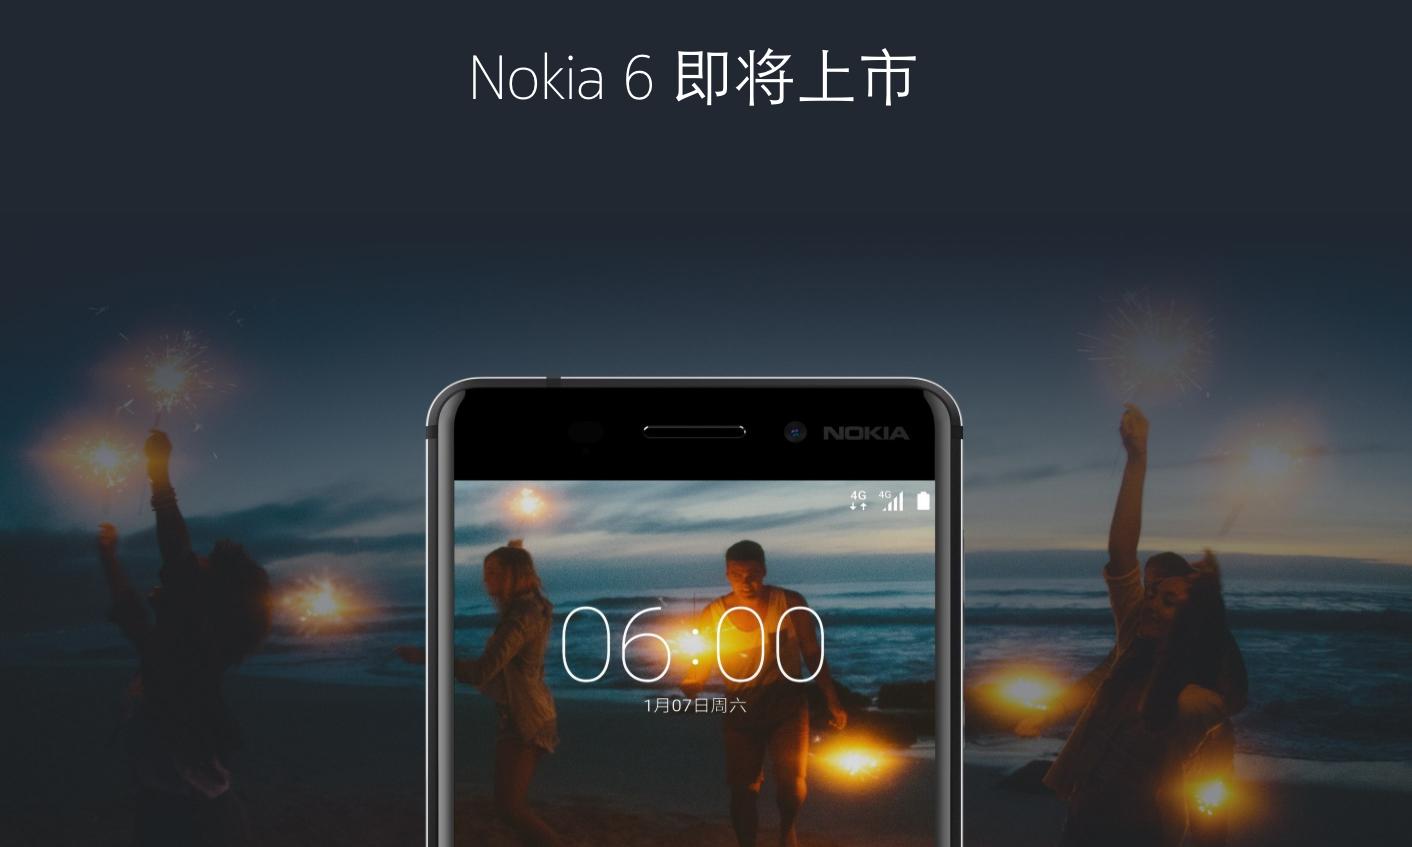 Nokia 6 正式发布,你会花 1699 元为自己的青春买单吗?